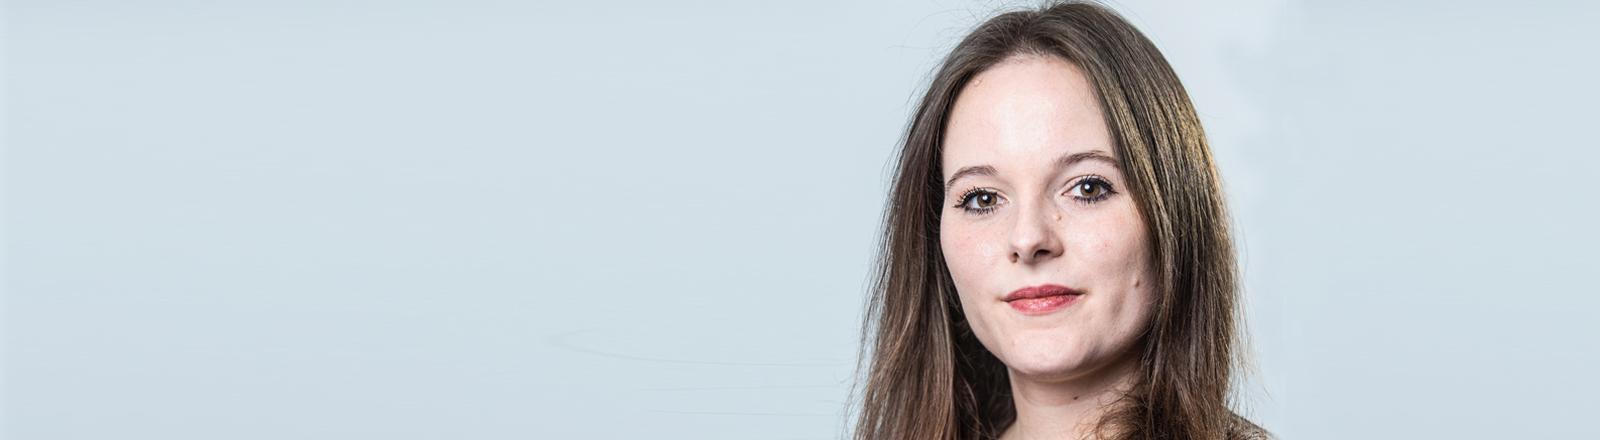 Jessica Rosenthal, stellvertrende Bundesvorsitzende der Jusos